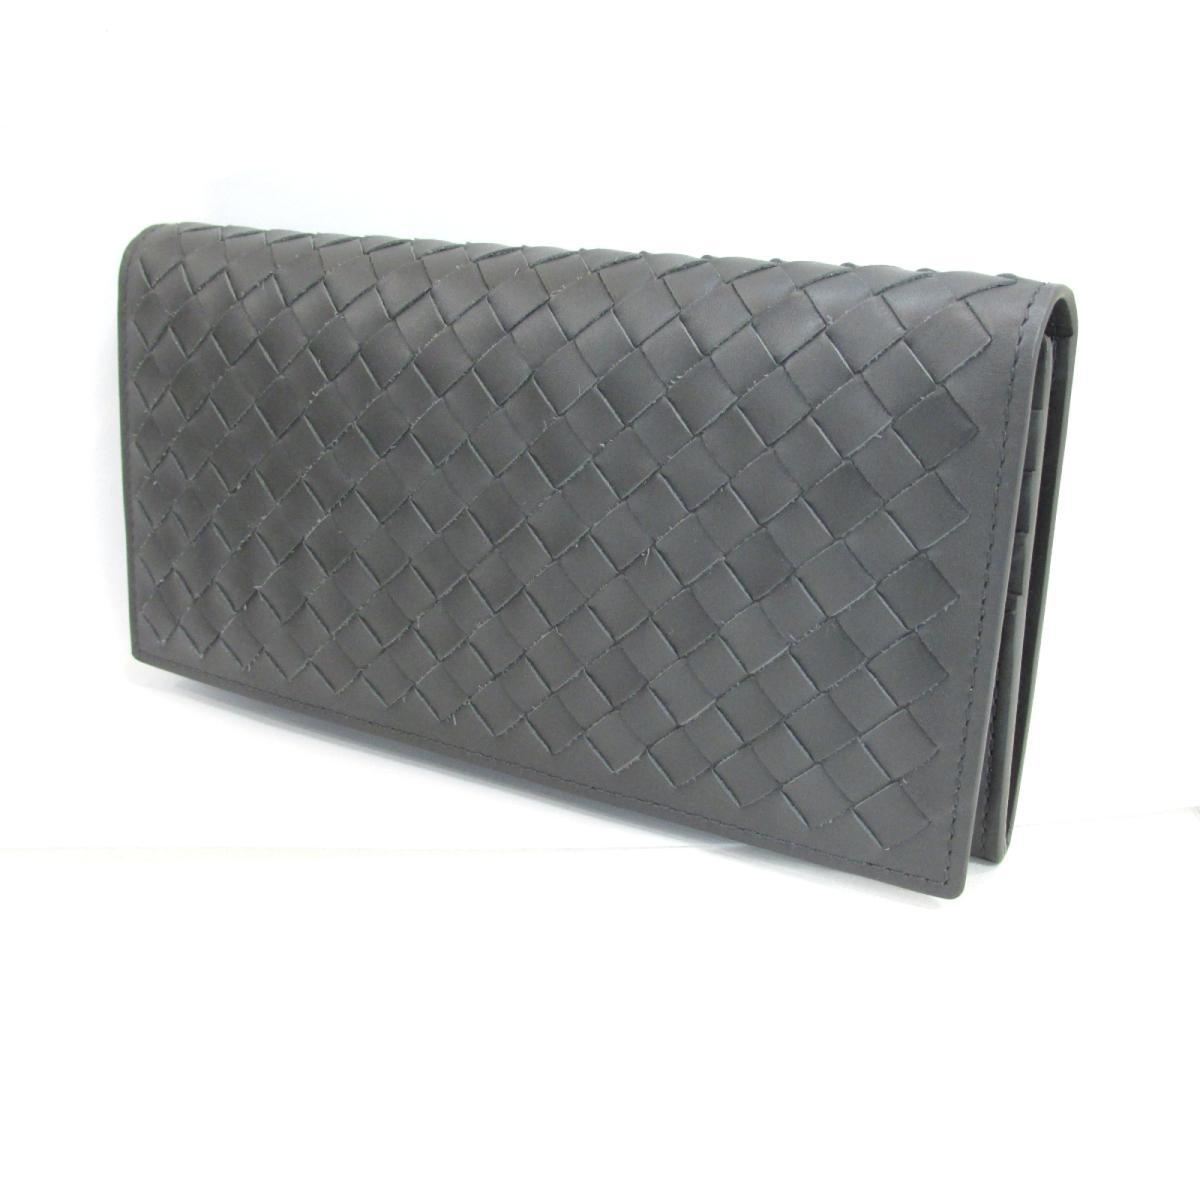 BOTTEGA VENETA サイフ・小物  【おすすめ!】二つ折長財布/メンズ 財布